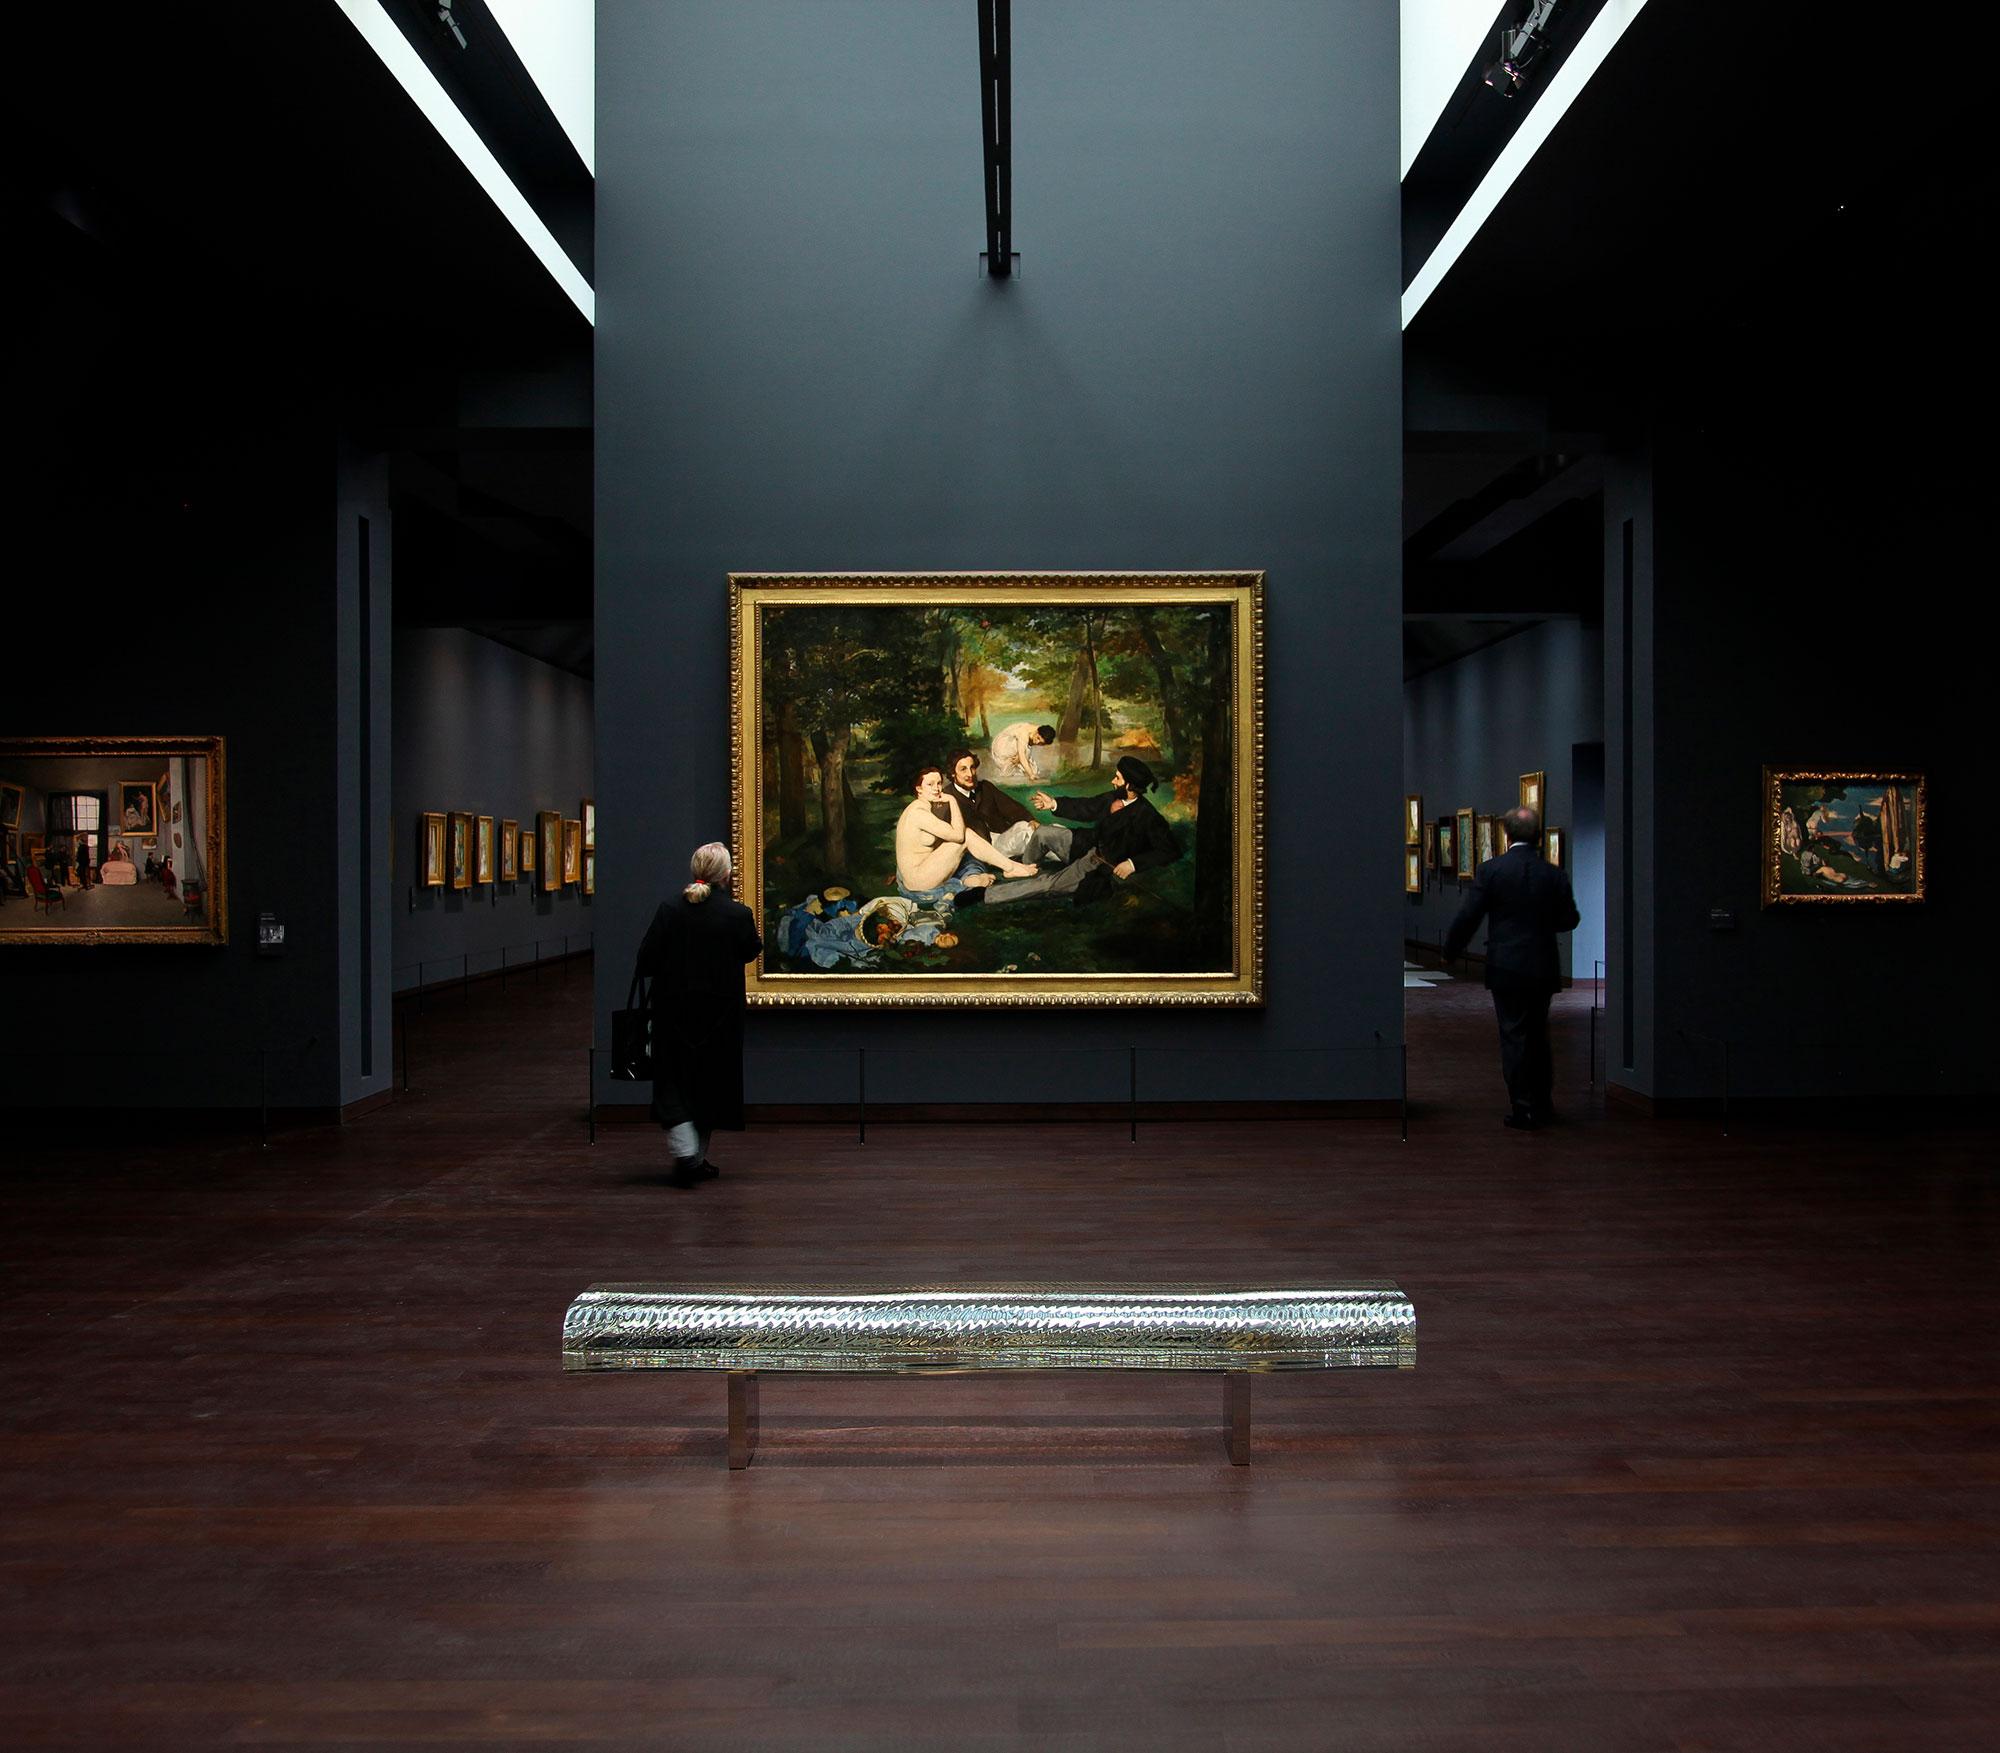 ガラスのベンチ「Water Block」(2002) / パリのオルセー美術館において、印象派ギャラリーのリニューアルプロジェクトに参加し、マネやドガ、モネ、セザンヌ、ルノワールに代表される印象派の絵画とともに、ガラスのベンチ「Water Block」10作品が常設展示されている。